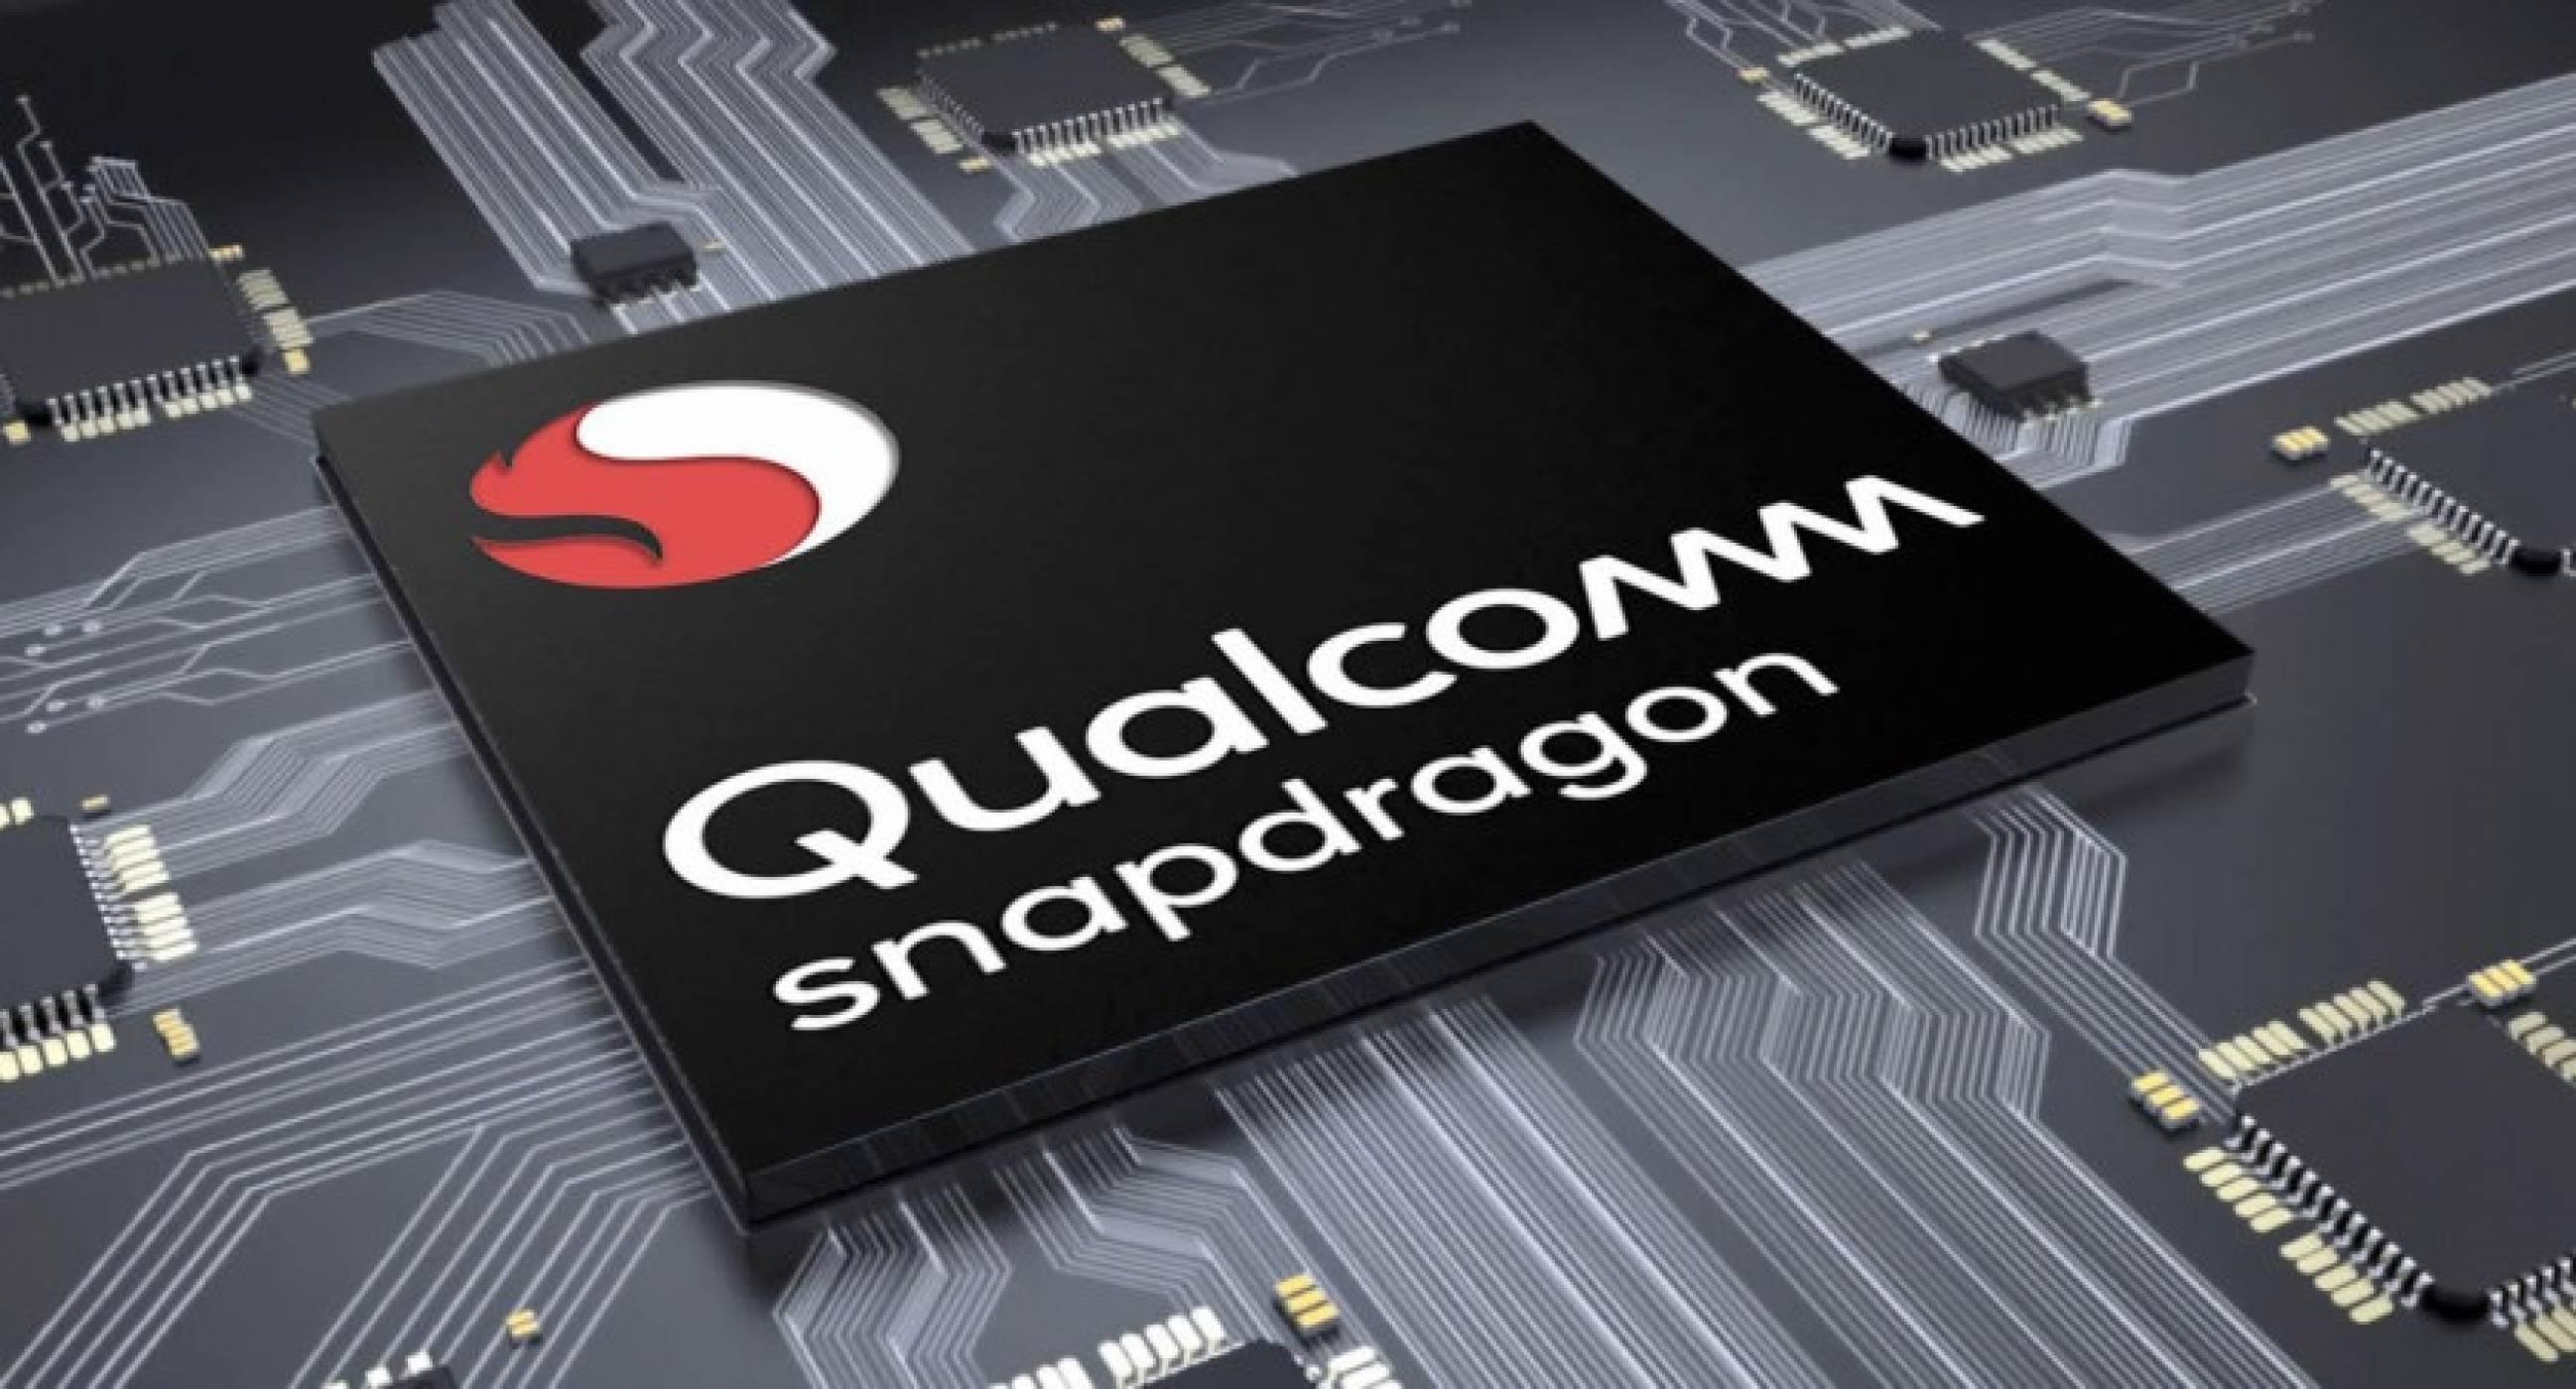 Samsung ще е единствен производител на флагманския чипсет Snapdragon 875